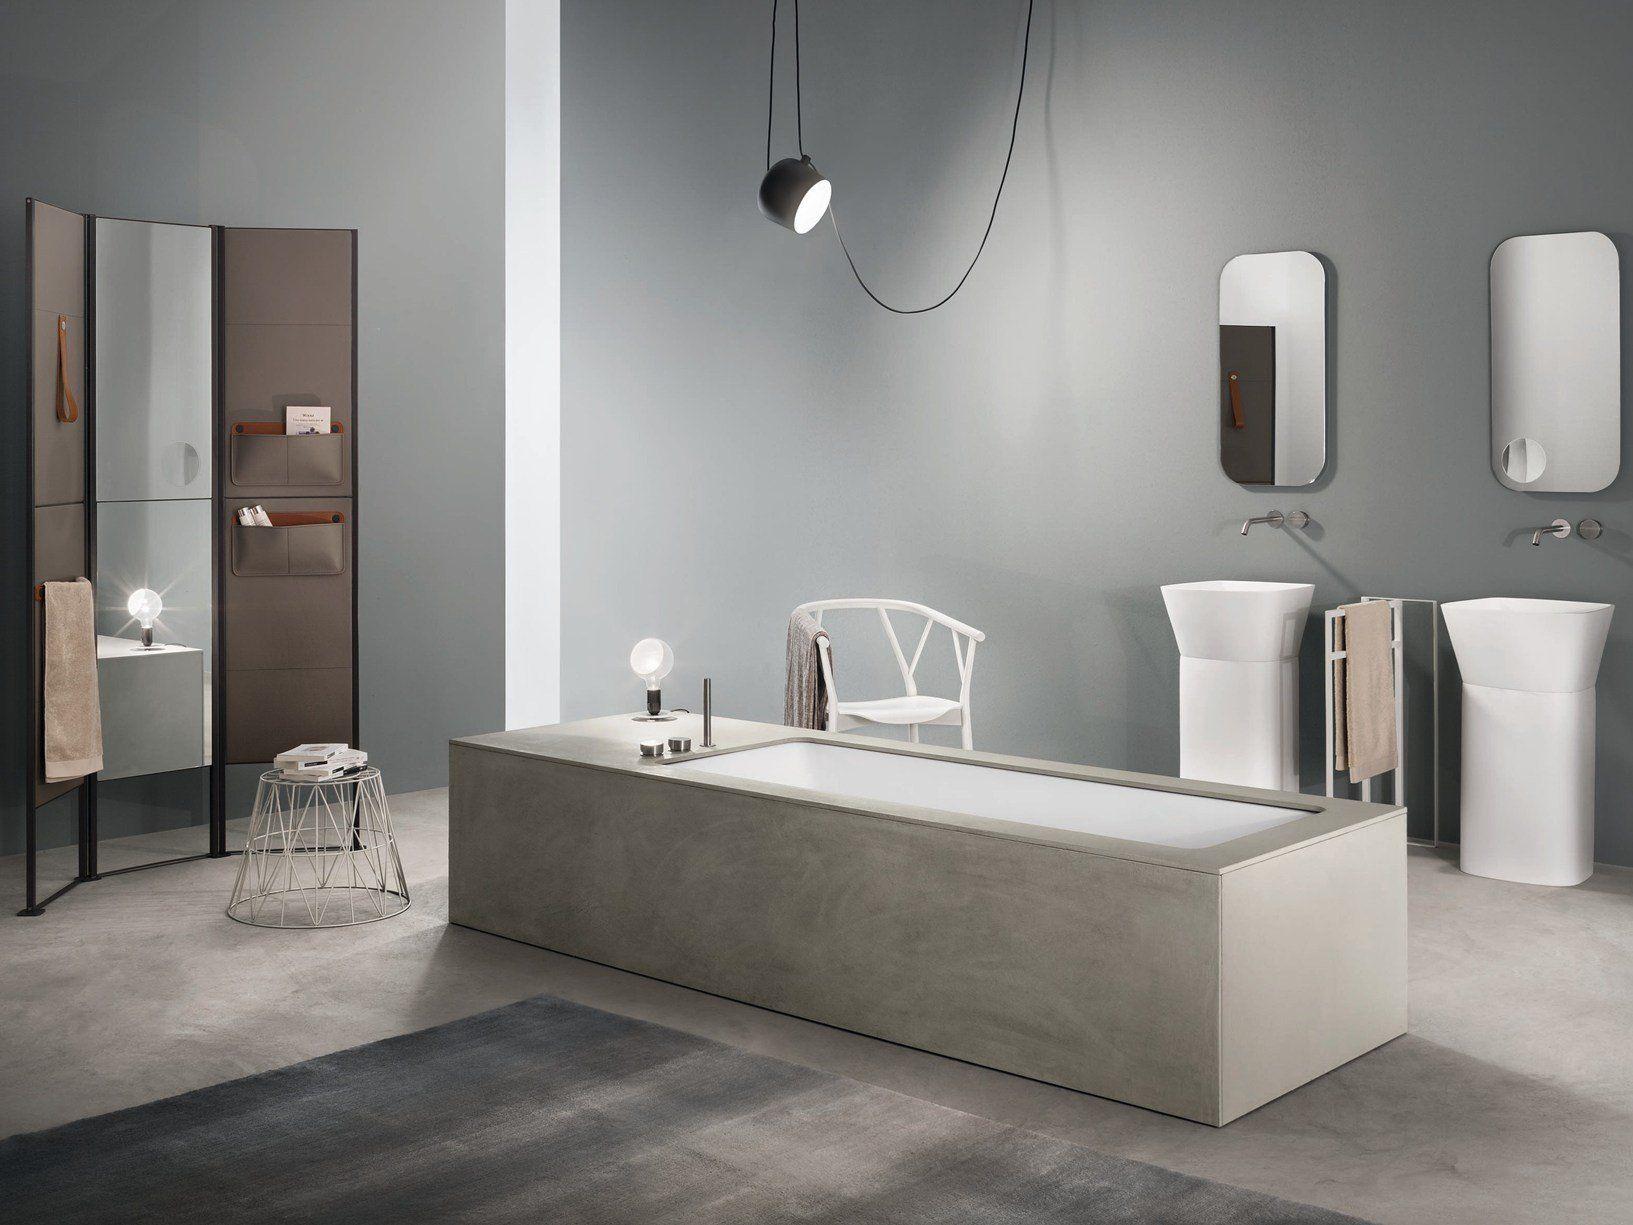 Makro presenta la vasca wave rivestita in ecocemento - Vasca bagno design ...